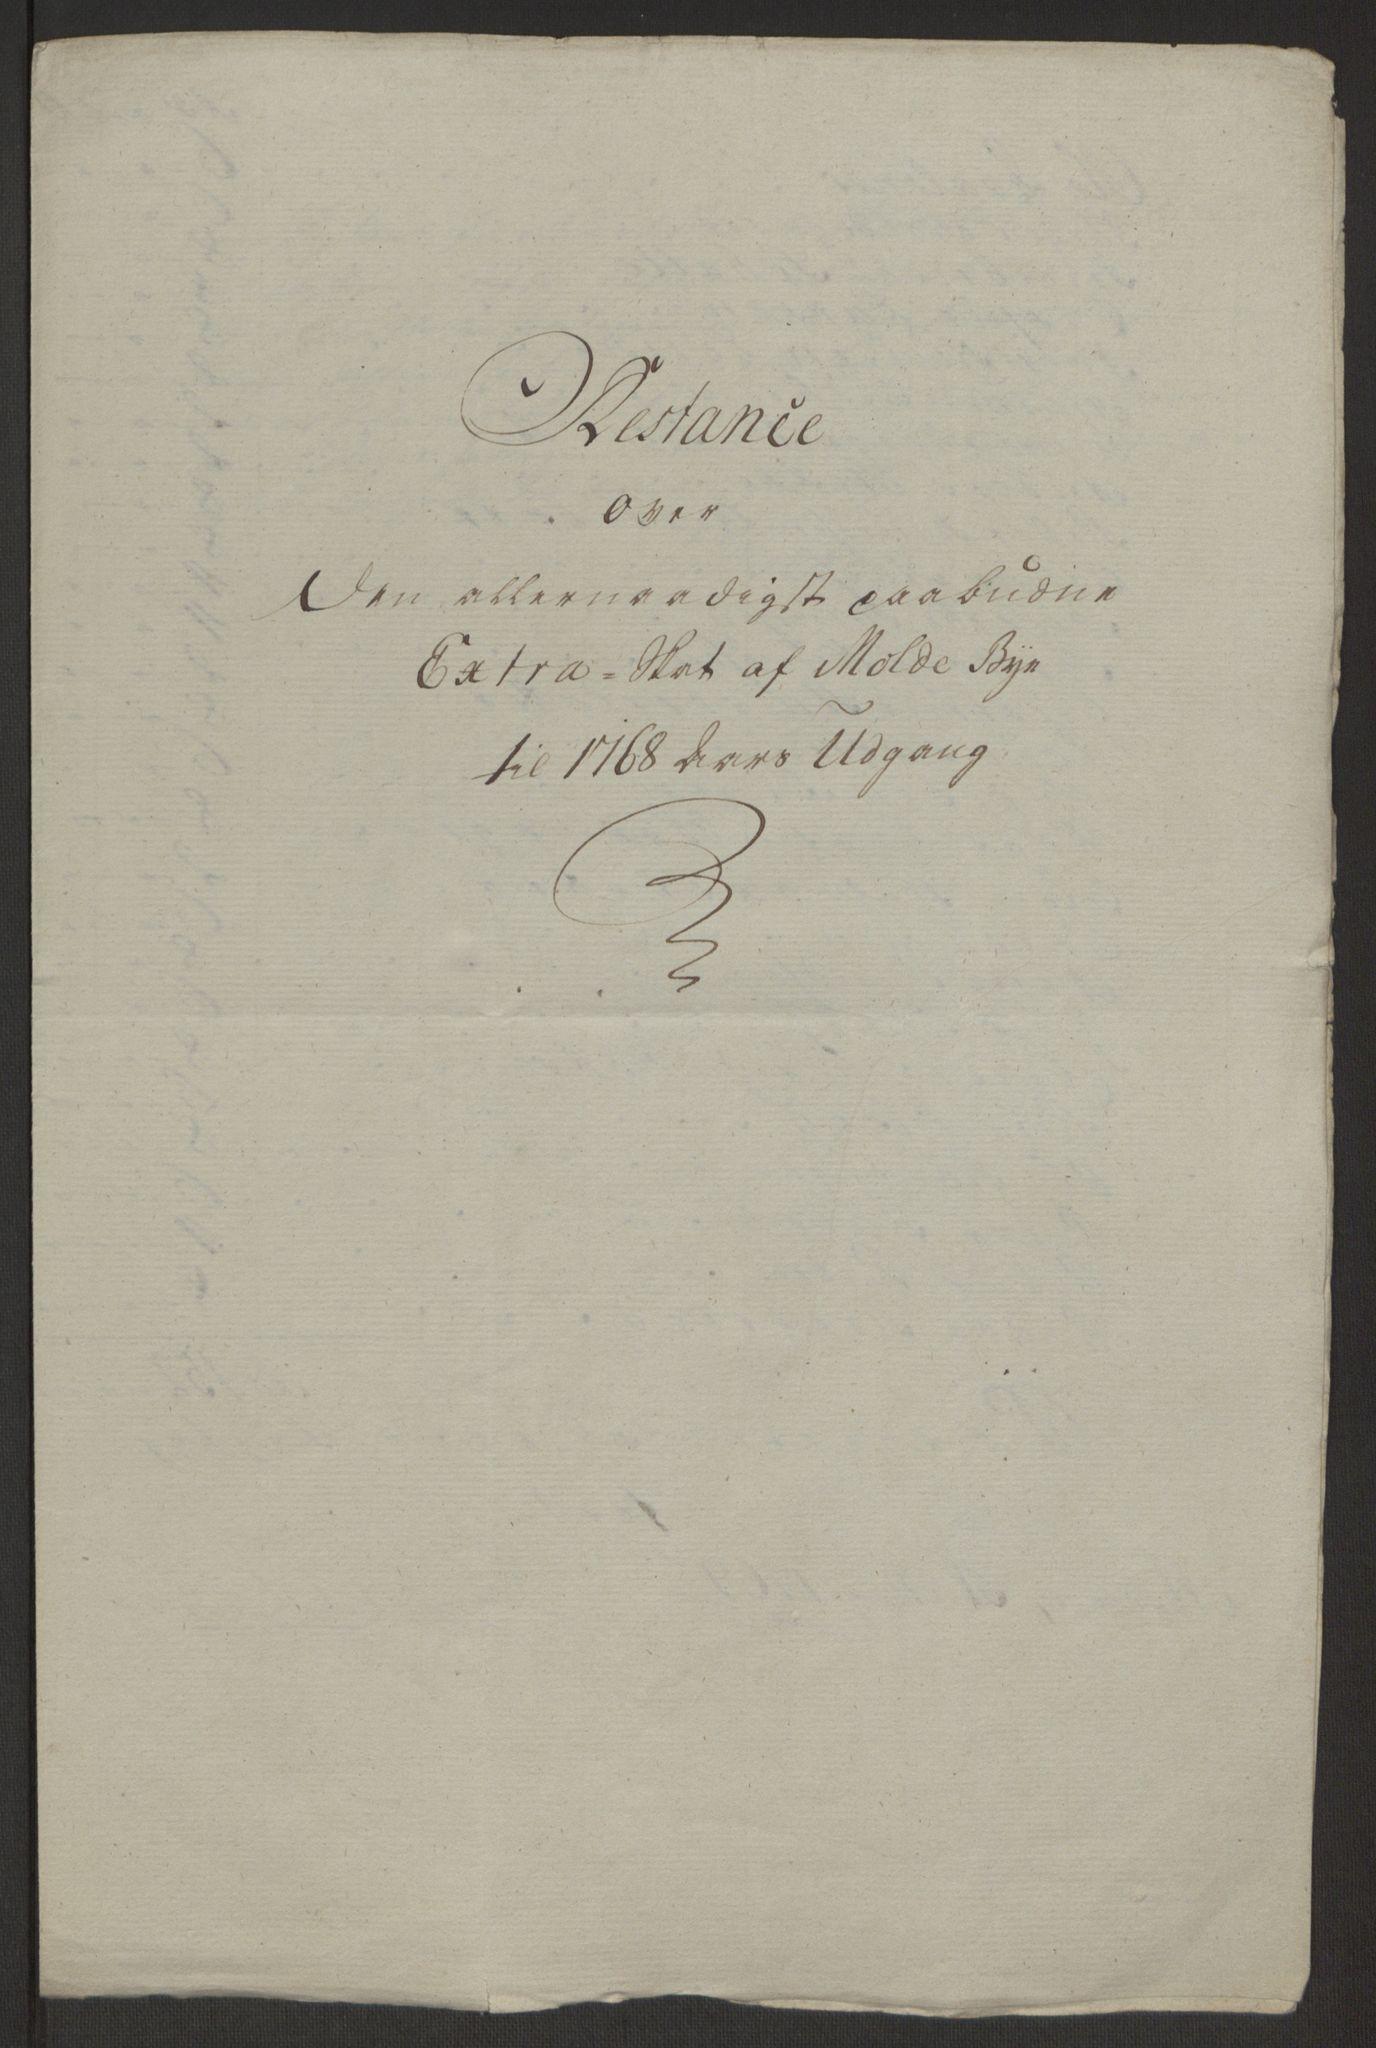 RA, Rentekammeret inntil 1814, Reviderte regnskaper, Byregnskaper, R/Rq/L0487: [Q1] Kontribusjonsregnskap, 1762-1772, s. 166